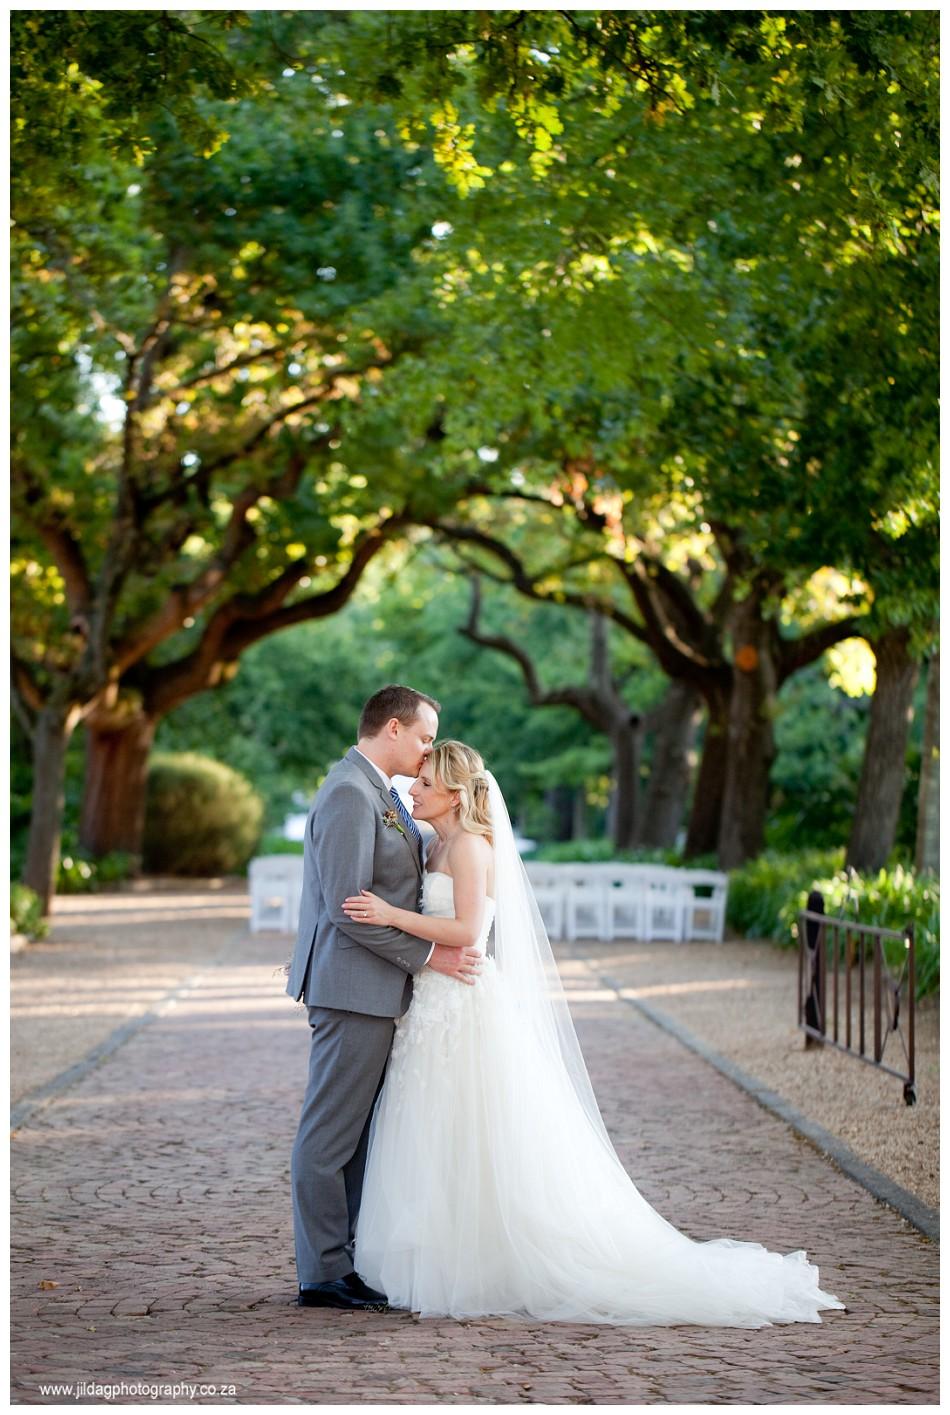 Jilda G Photography - Nooitgedacht - Stellenbosch wedding (65)